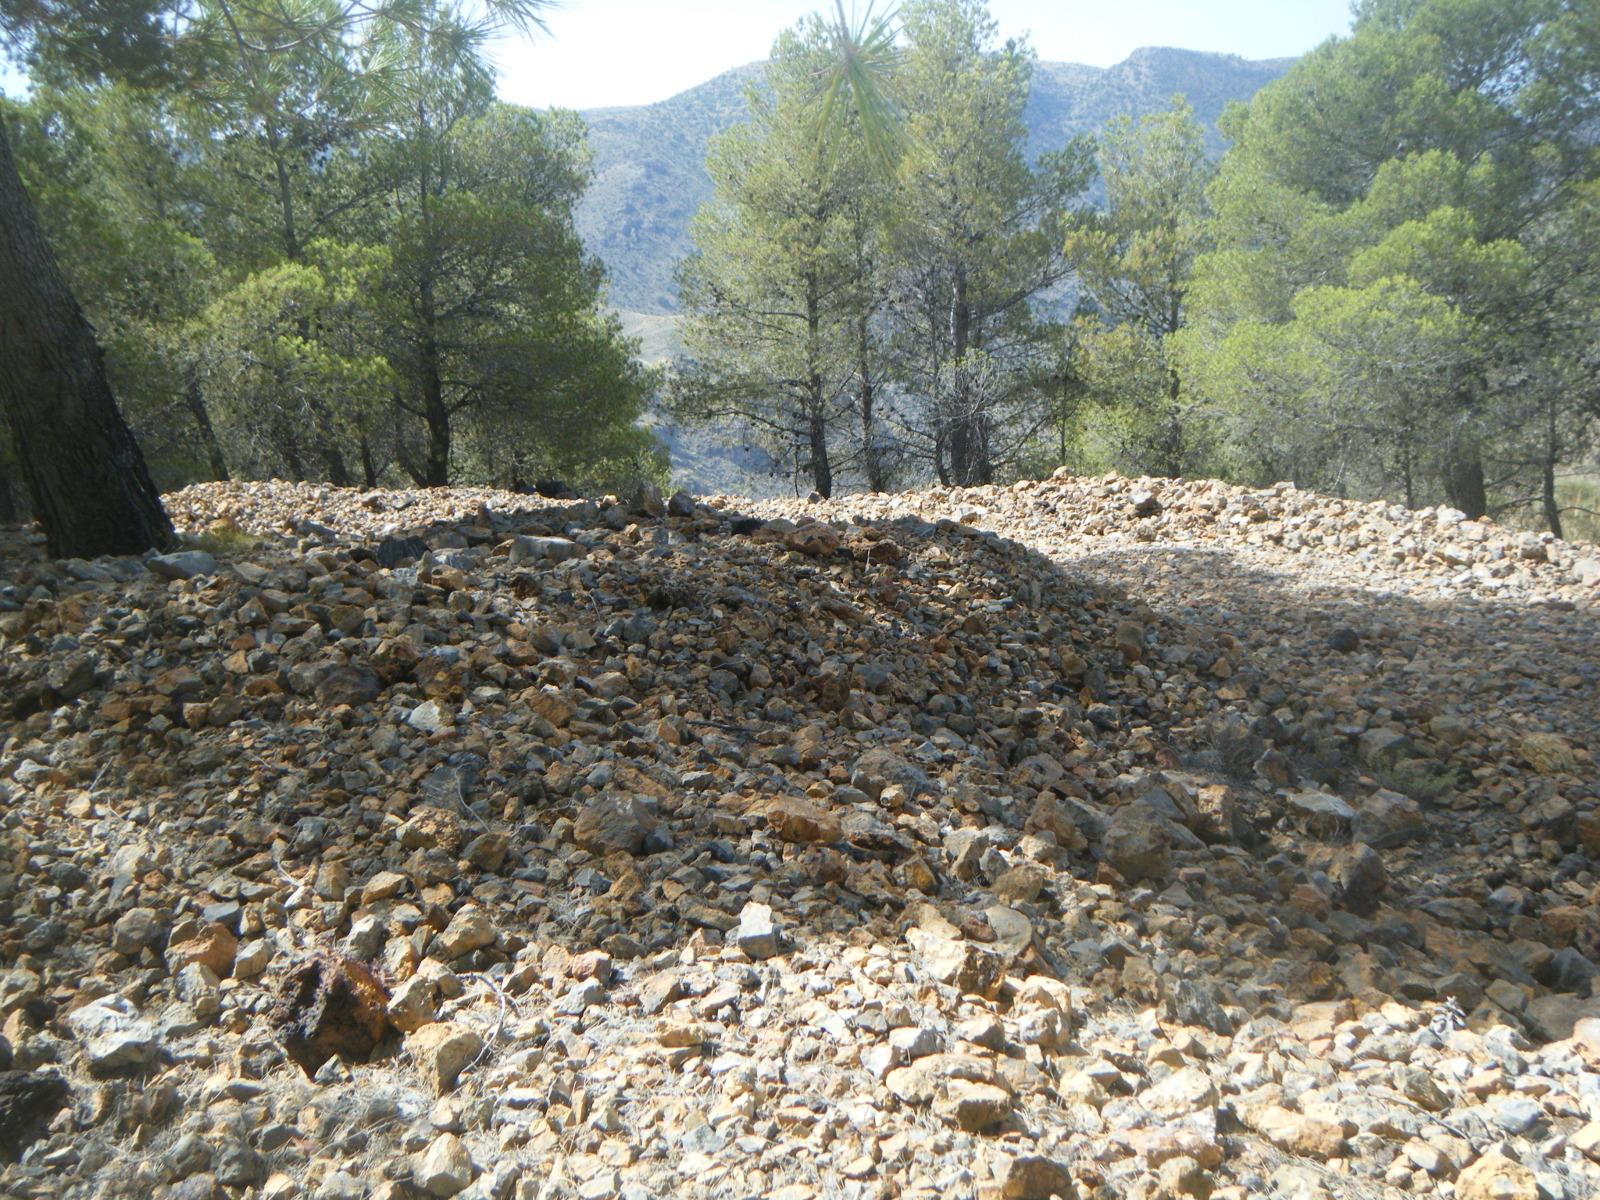 ¿ Mina Ora pró novis? Cerro Quintana, Canjáyar, Almeria, Andalucia, España 296dx6f